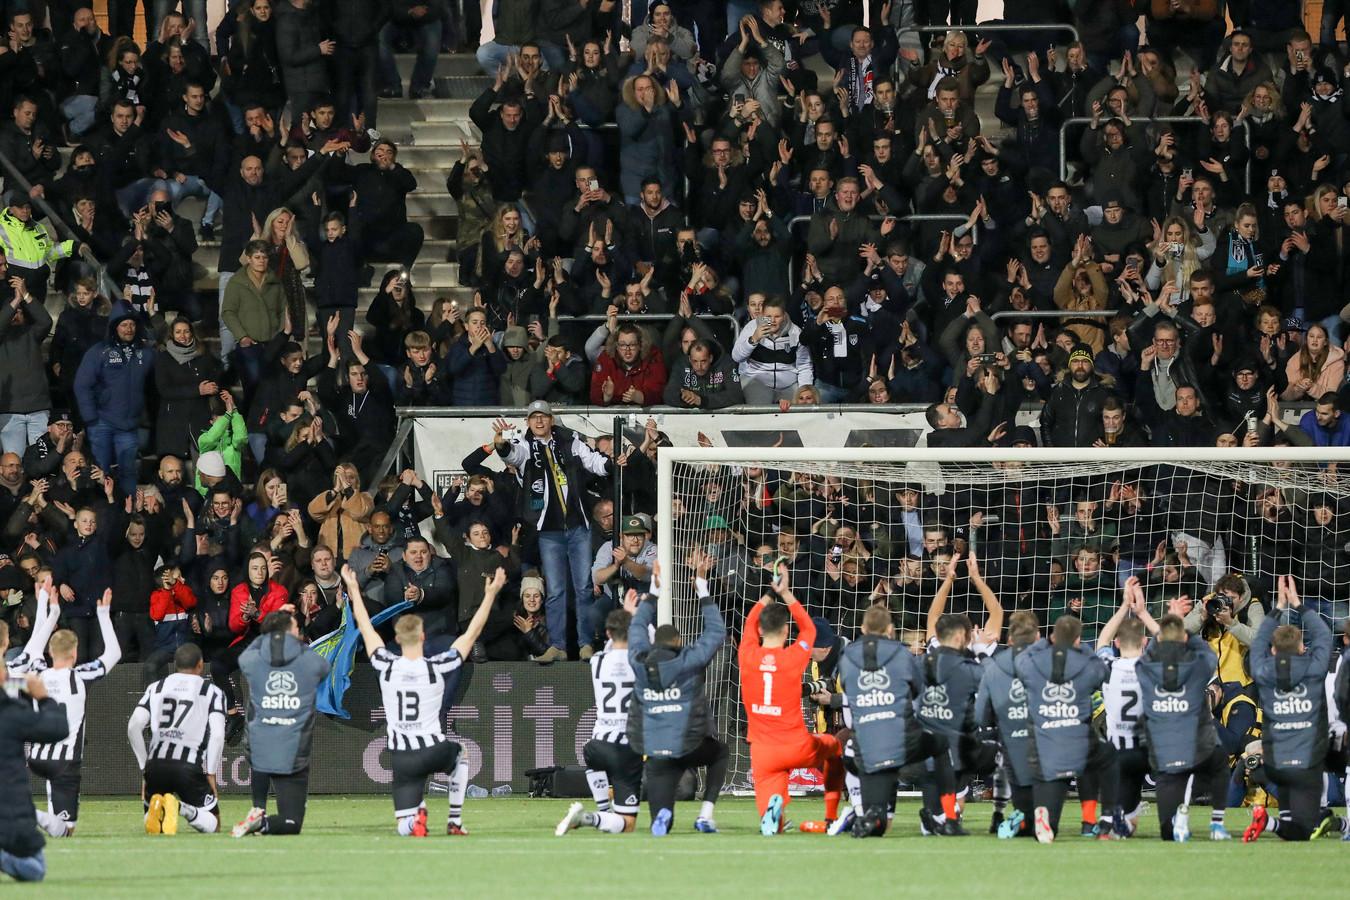 Heracles doet met succes een beroep op supporters om seizoenkaarten te verlengen.